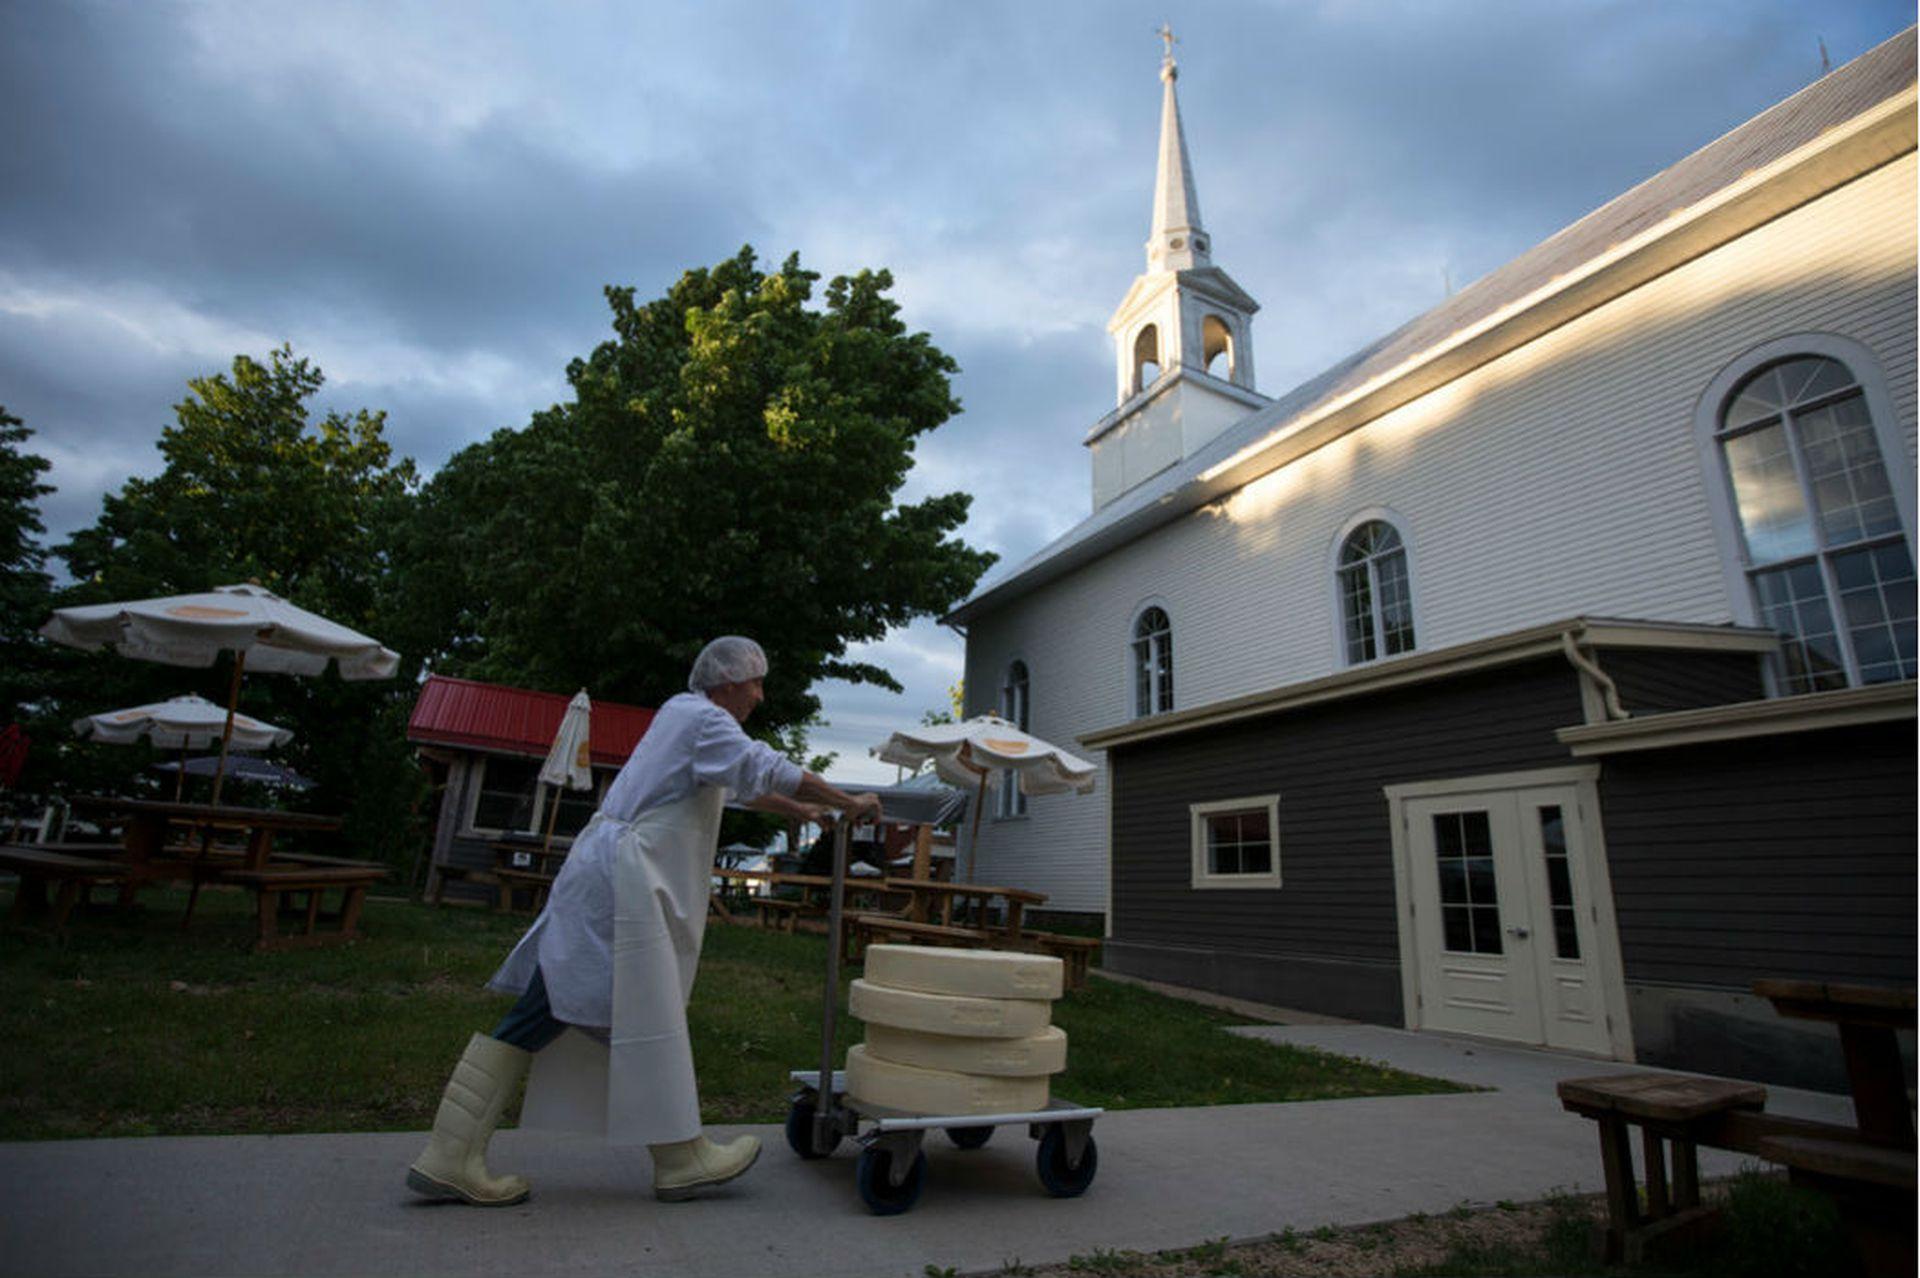 Jean Morin compró la iglesia local en Sainte-Élizabeth-de-Warwick por un dólar e invirtió 1,2 millones para renovarla y transformarla en la Fromagerie du Presbytère, una quesería. Desde entonces ya ganó el Gran Premio del Queso Canadiense